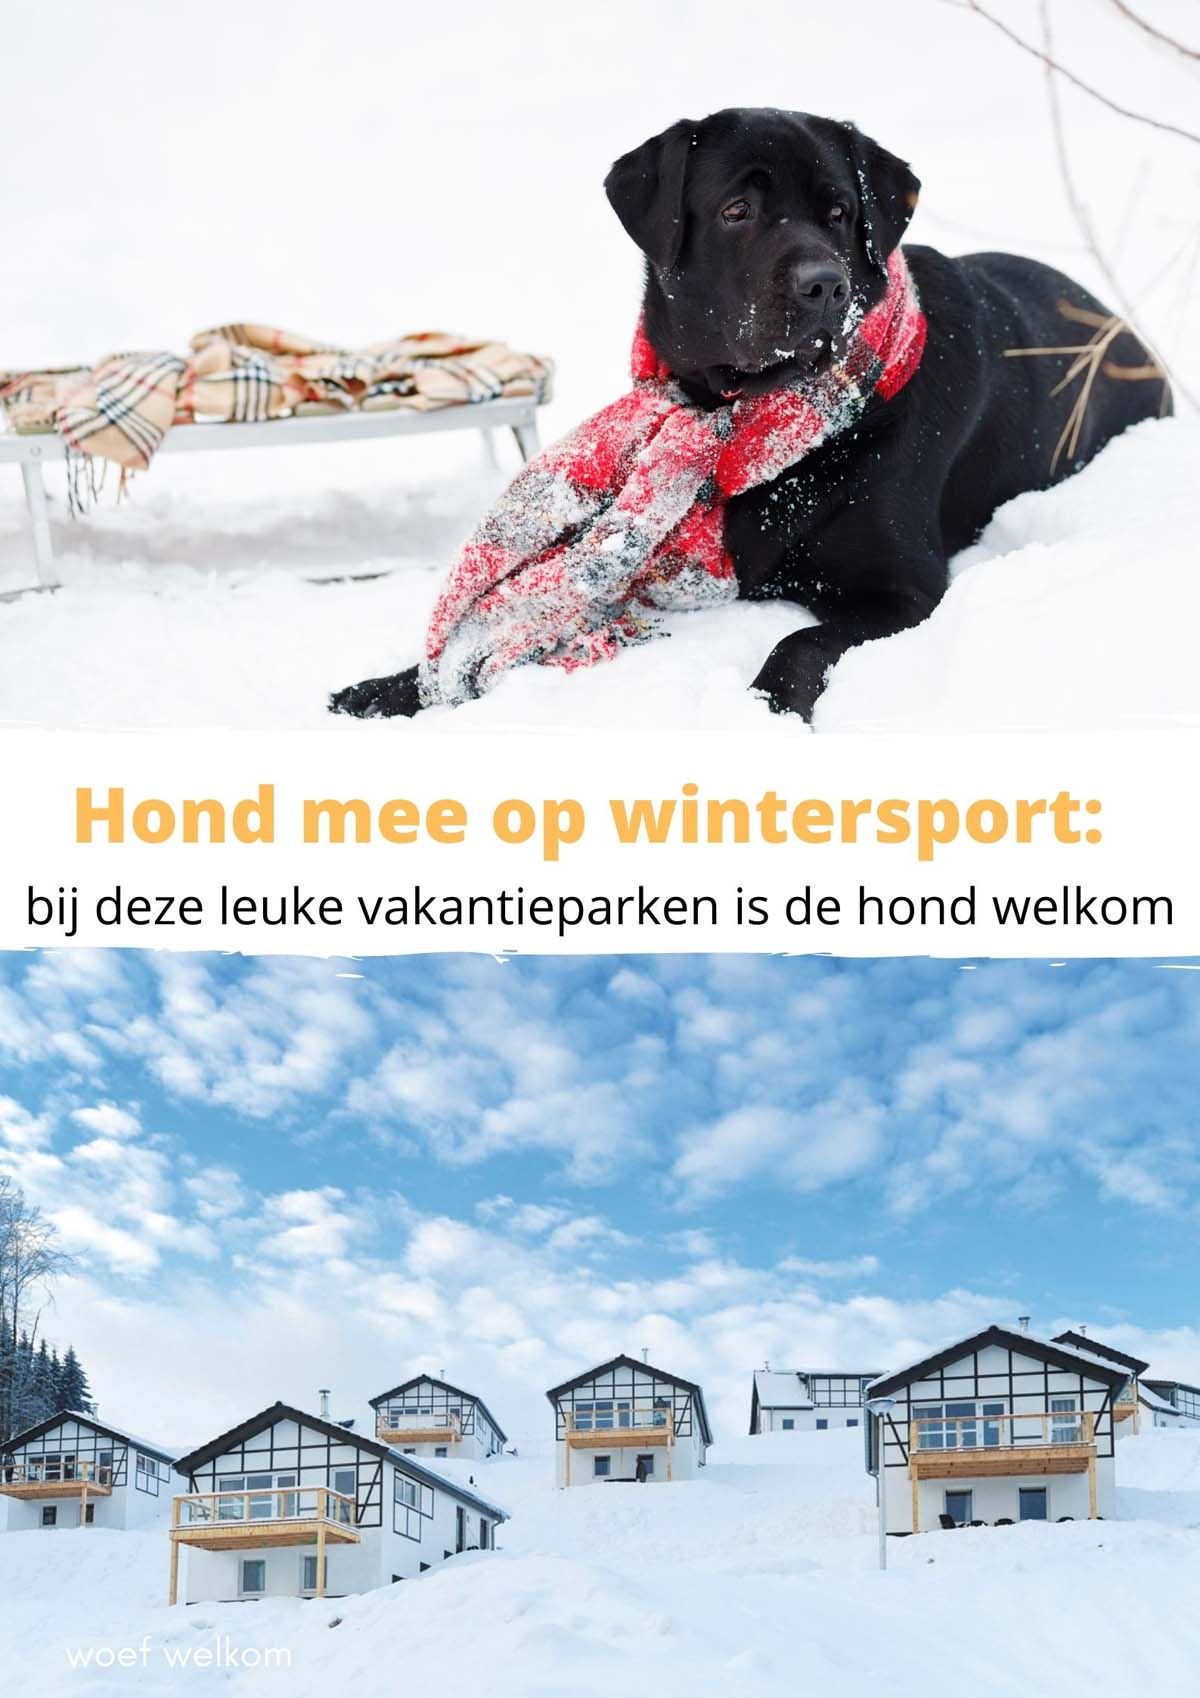 Hond mee op wintersport: bij deze leuke vakantieparken is de hond welkom